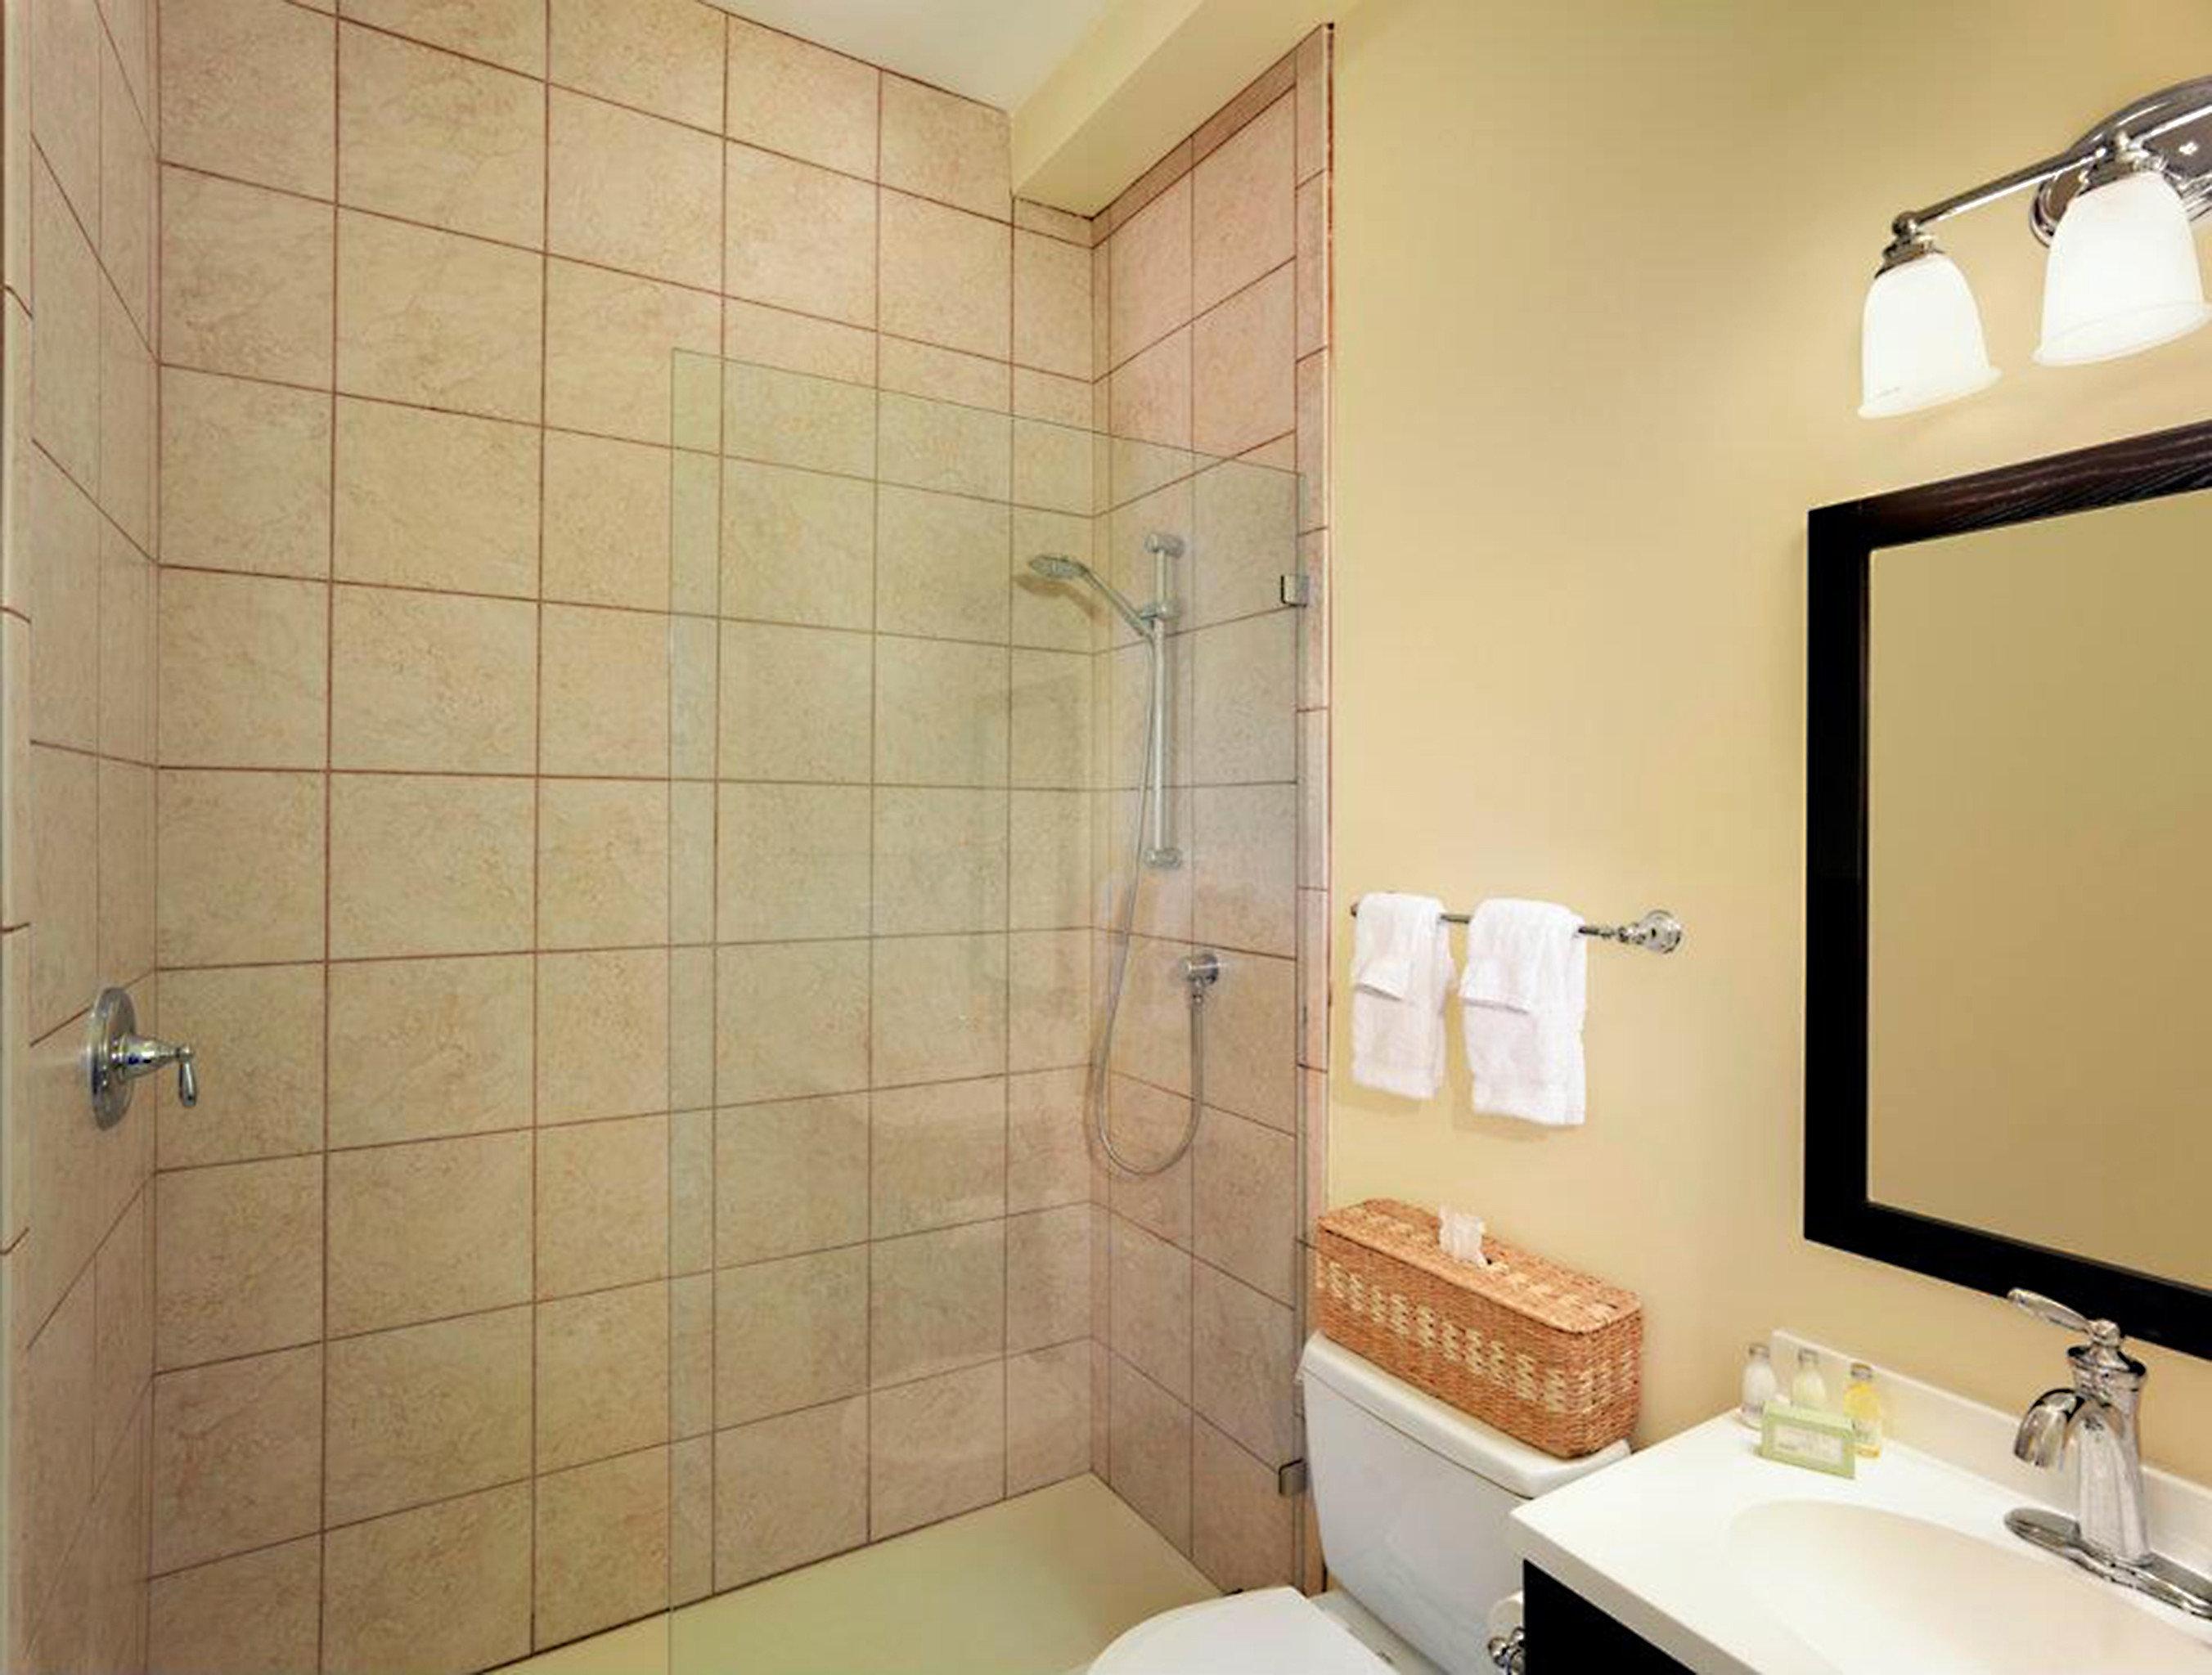 bathroom property sink plumbing fixture toilet flooring tile tiled